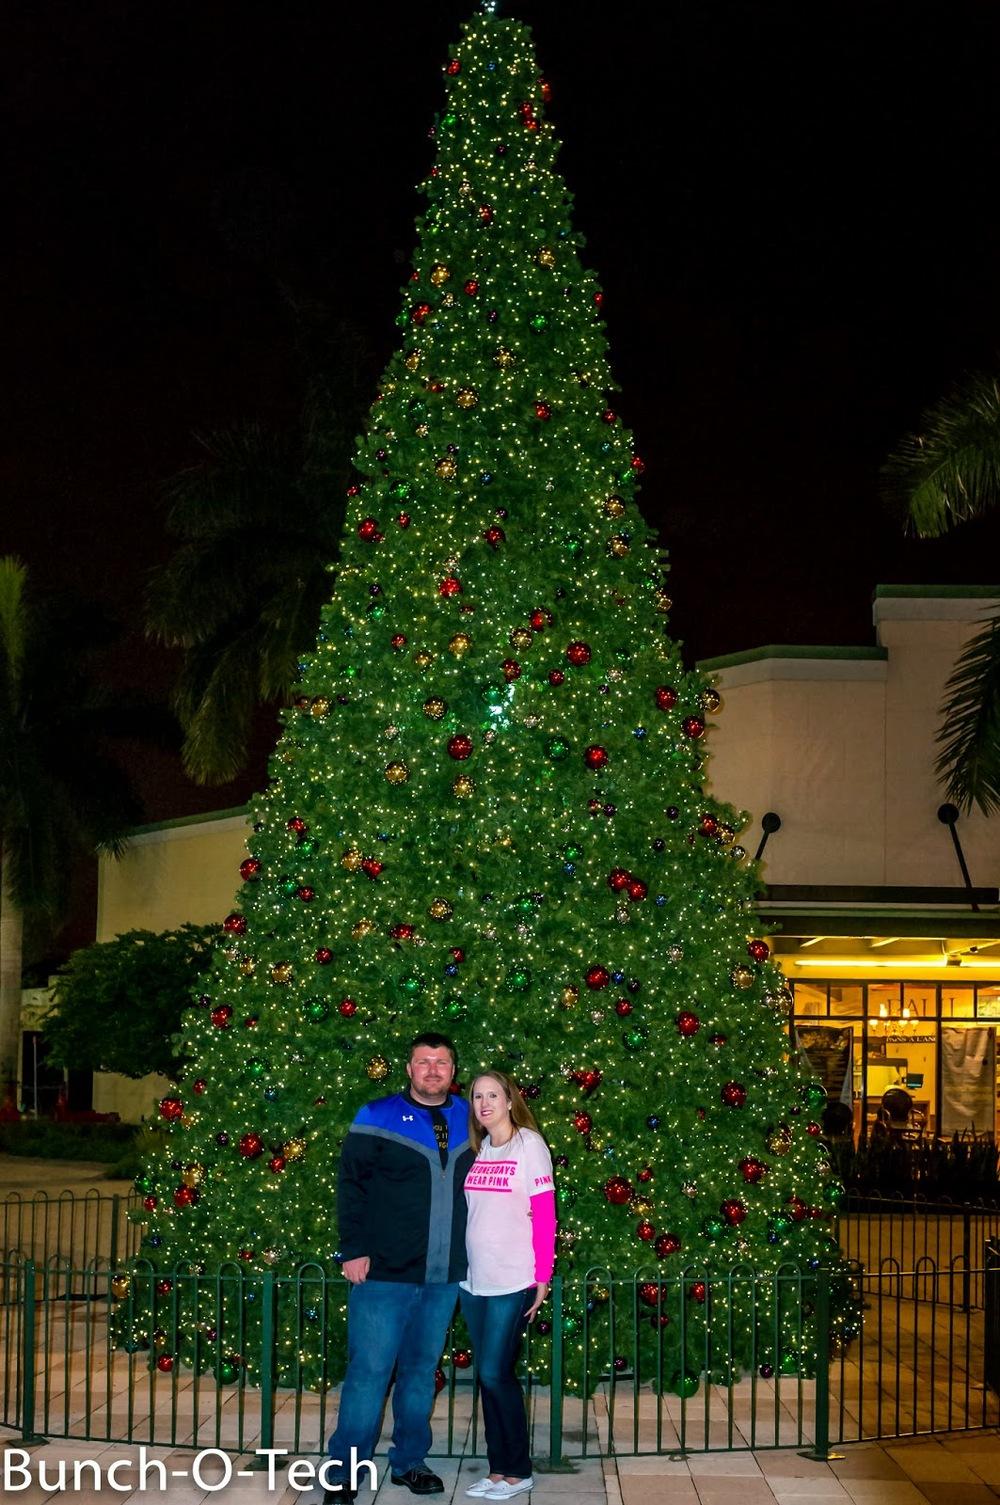 Florida-11-November%2B20%2C%2B2014.jpg